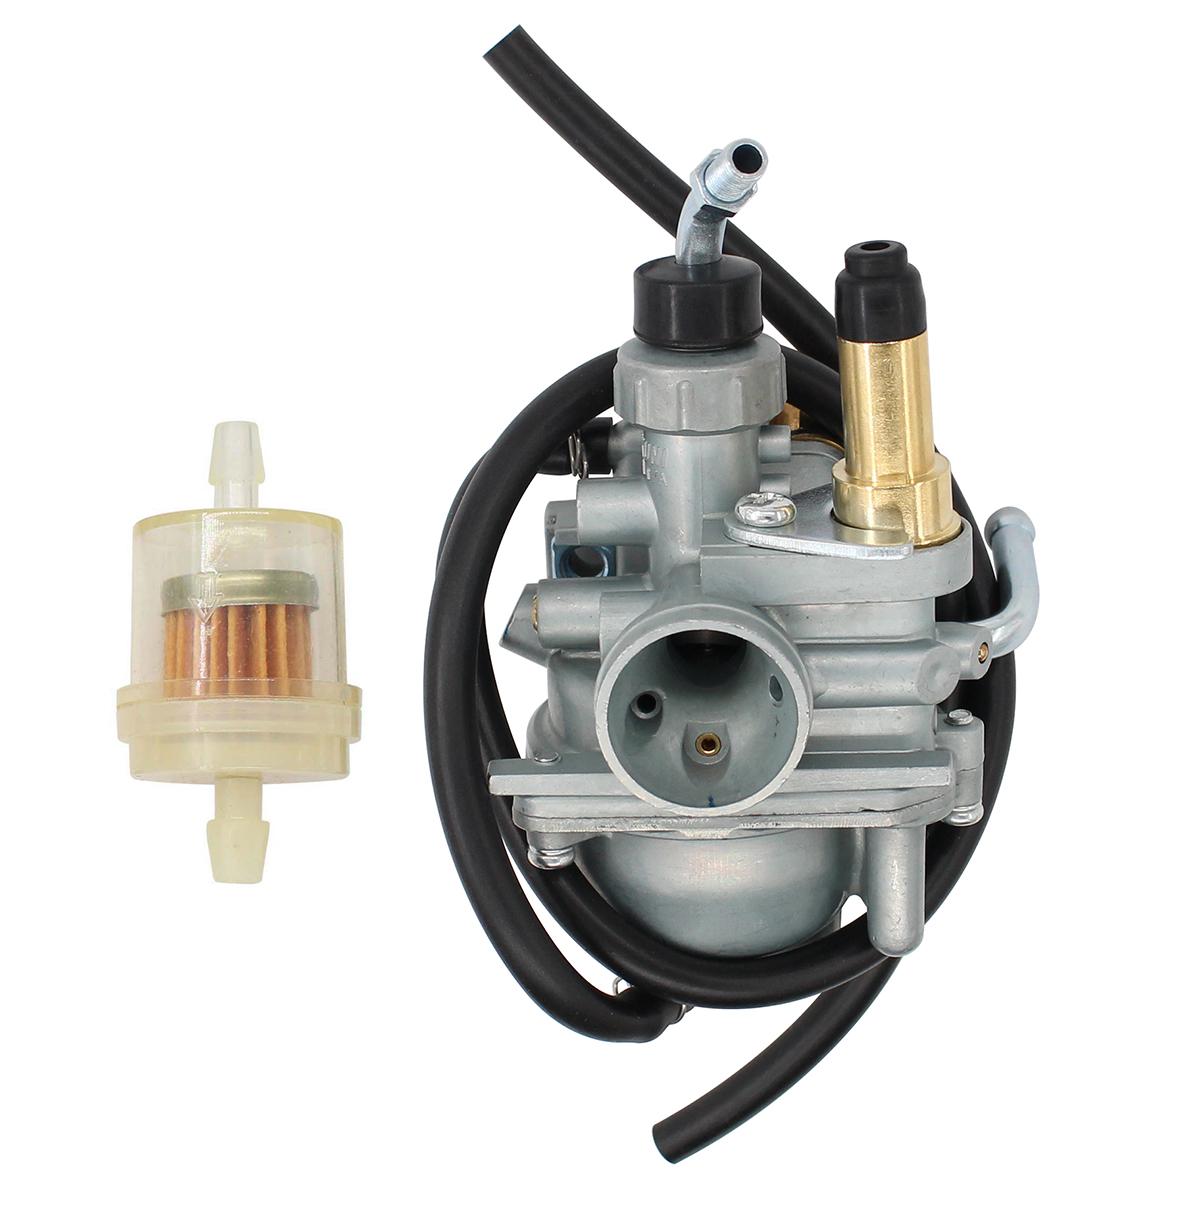 hight resolution of details about carburetor for yamaha ttr50 ttr 50 ttr 50e 2006 2009 carb w fuel filter